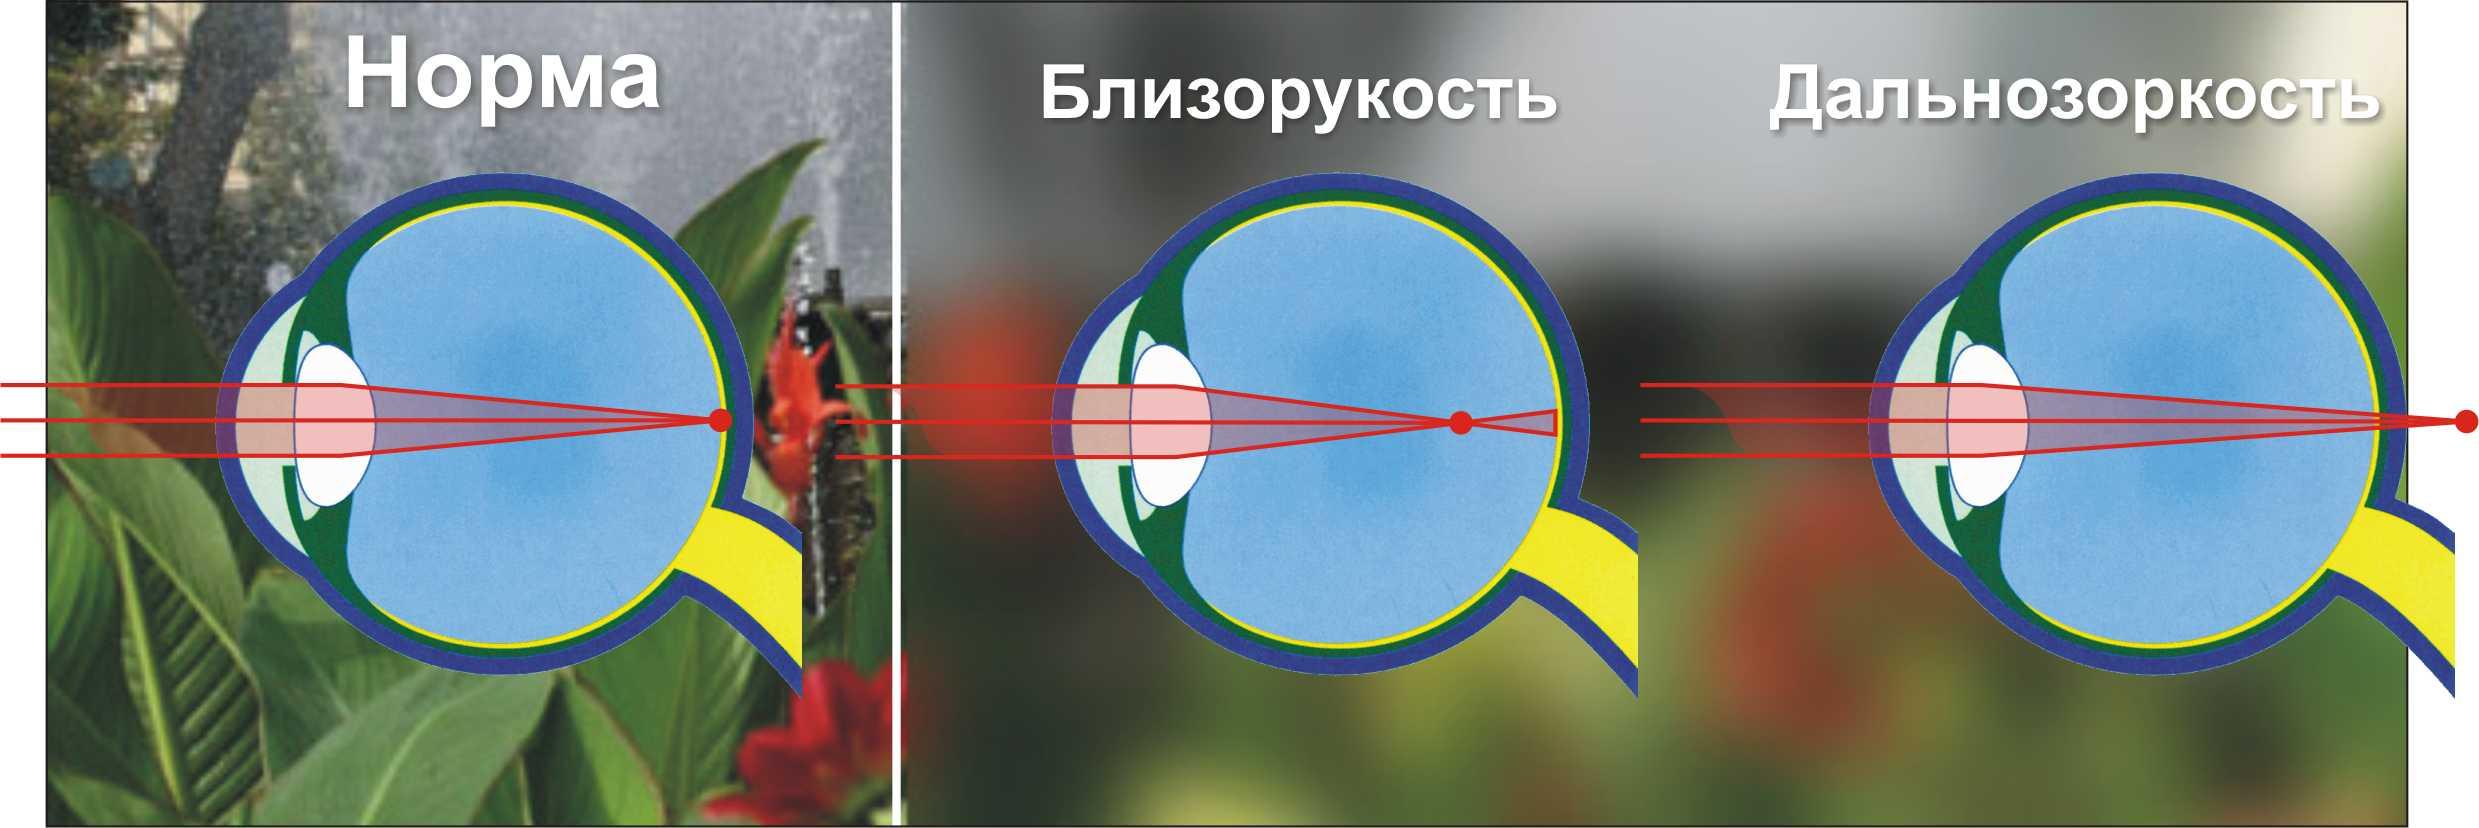 Как выглядит патология глаза